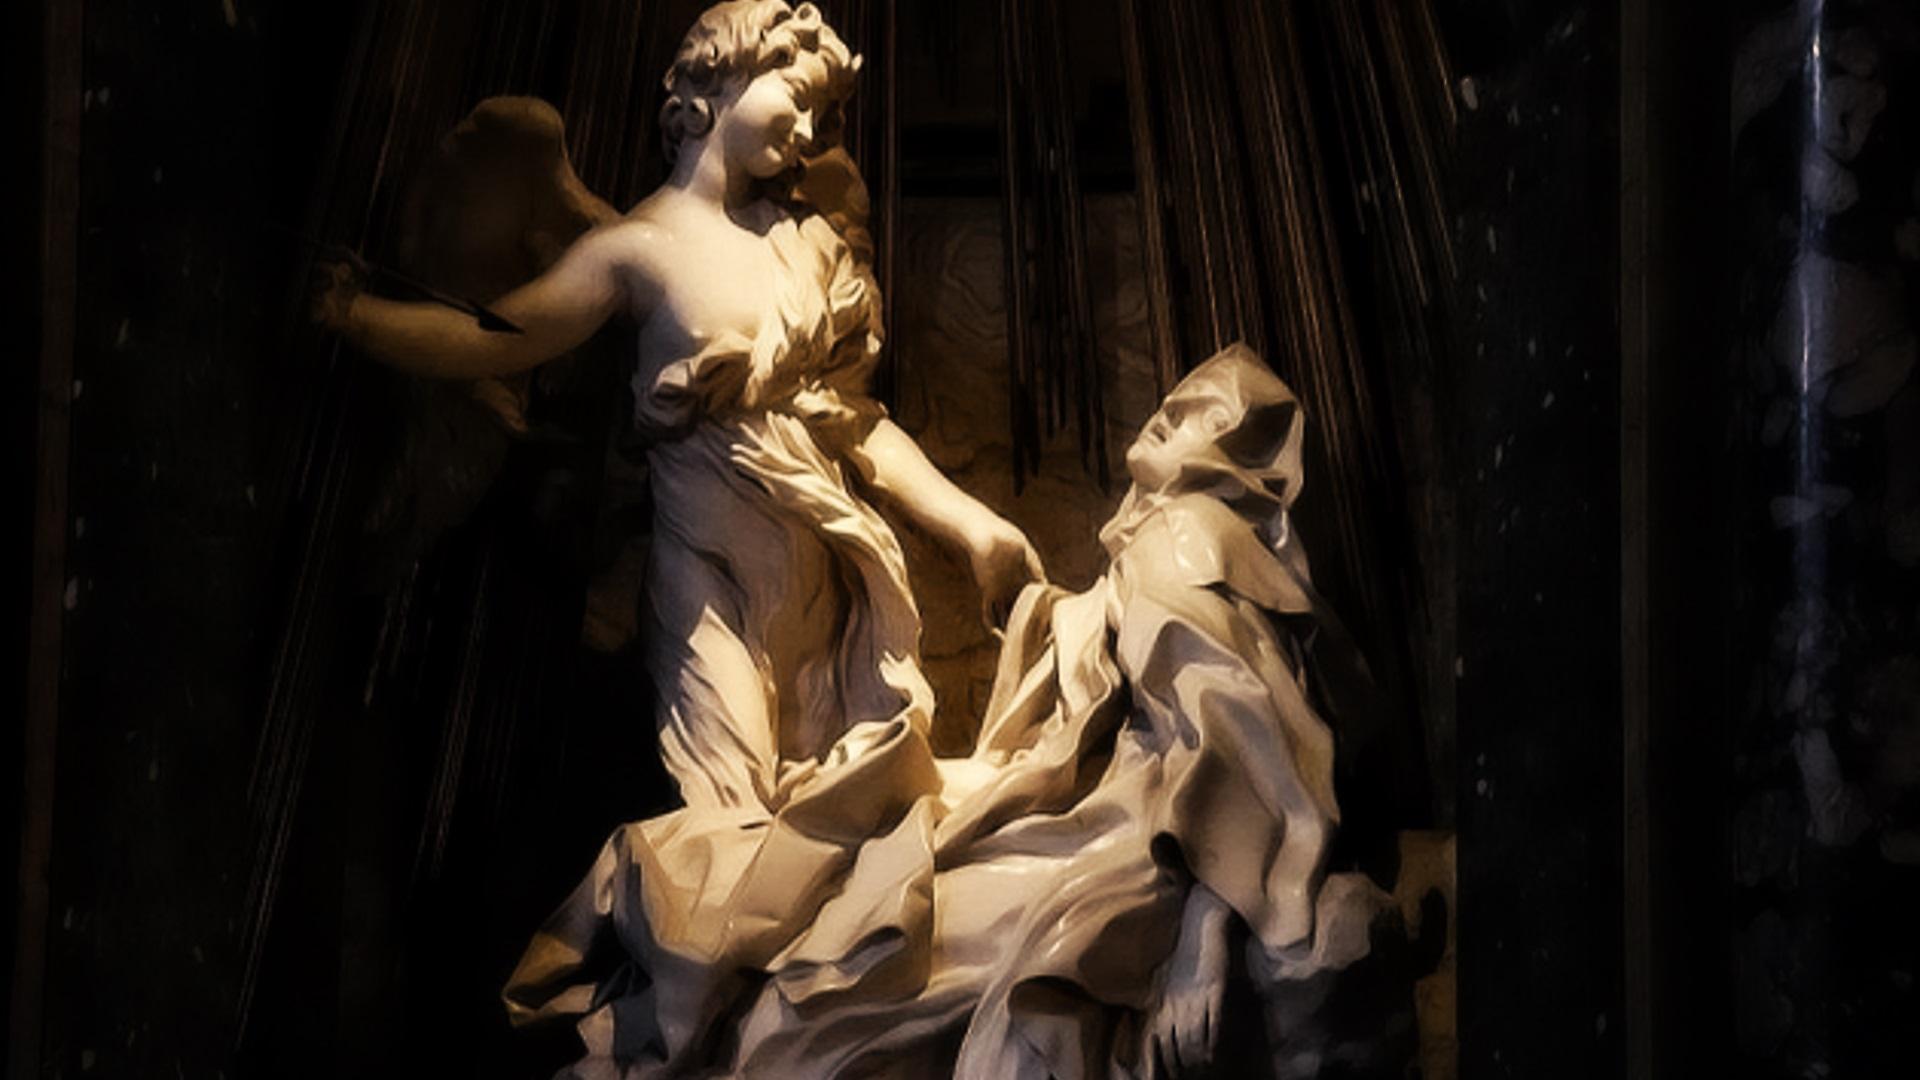 Estasi di Santa Teresa d'Avila, Gian Lorenzo Bernini, Chiesa di Santa Maria della Vittoria, Roma